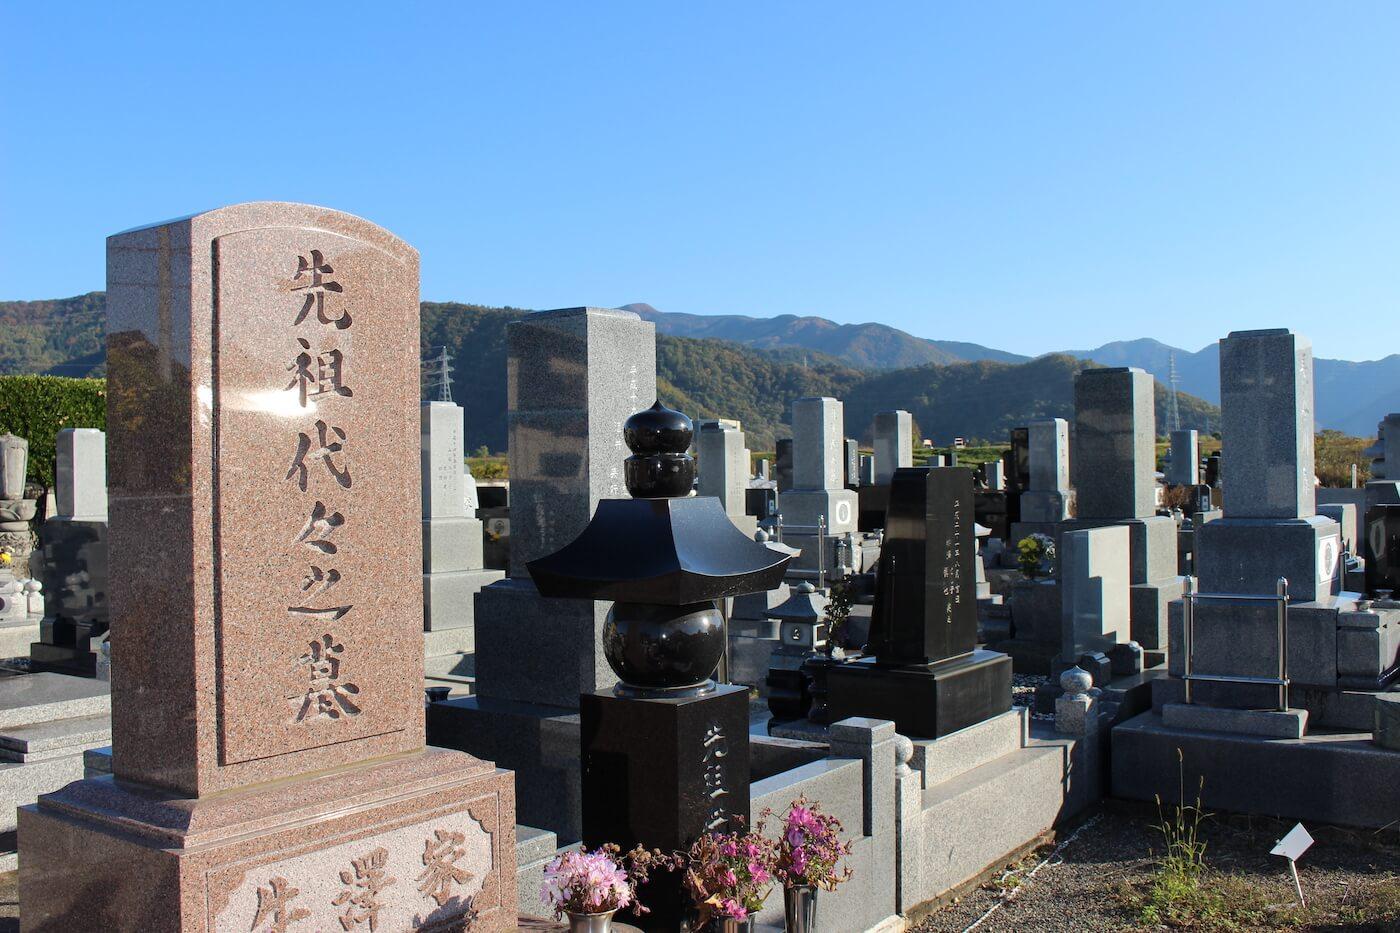 観音寺墓地の一般墓